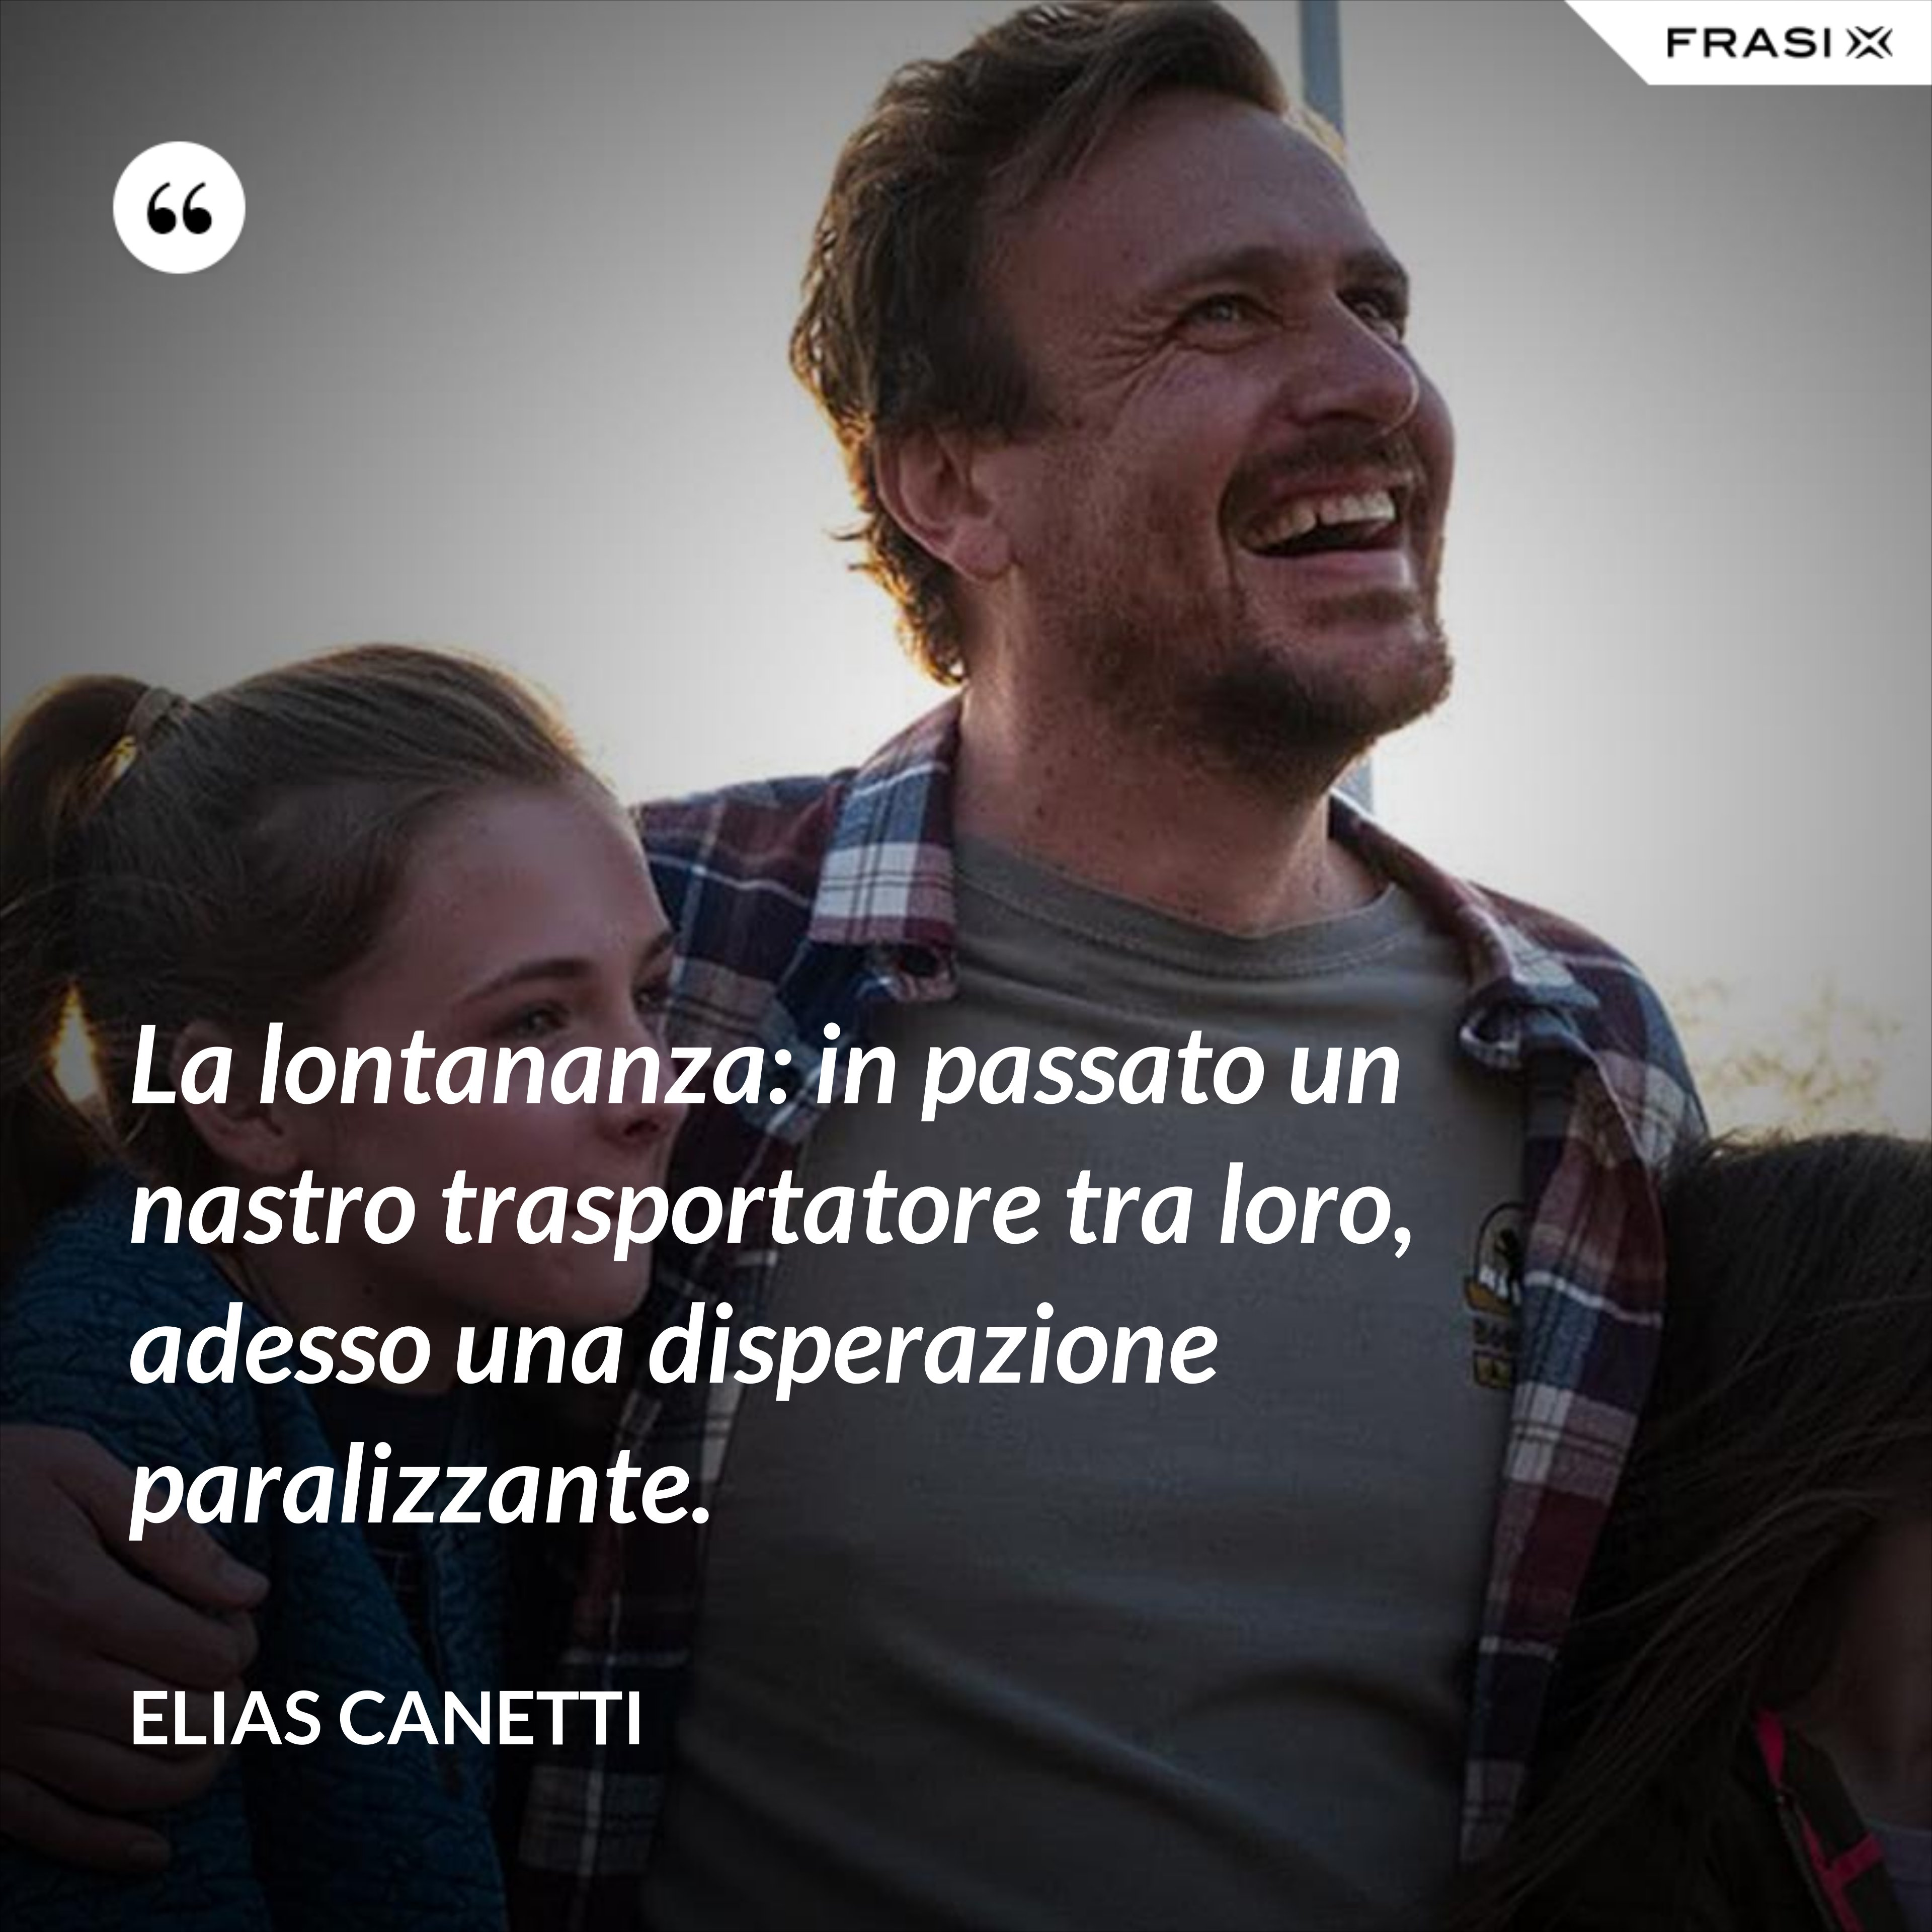 La lontananza: in passato un nastro trasportatore tra loro, adesso una disperazione paralizzante. - Elias Canetti